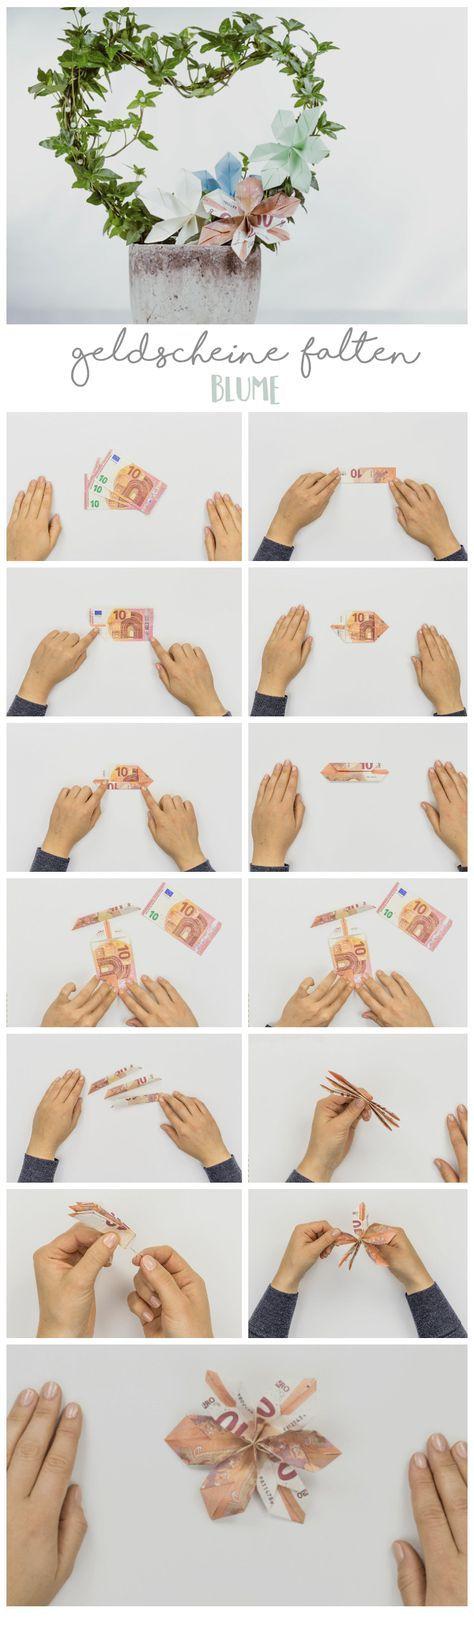 #Geldscheine #falten #Blume Schöne Geldgeschenke selber basteln ist ganz einfach - Auf ROOMBEEZ findet Ihr Schritt-für-Schritt Anleitungen und Videos ➯